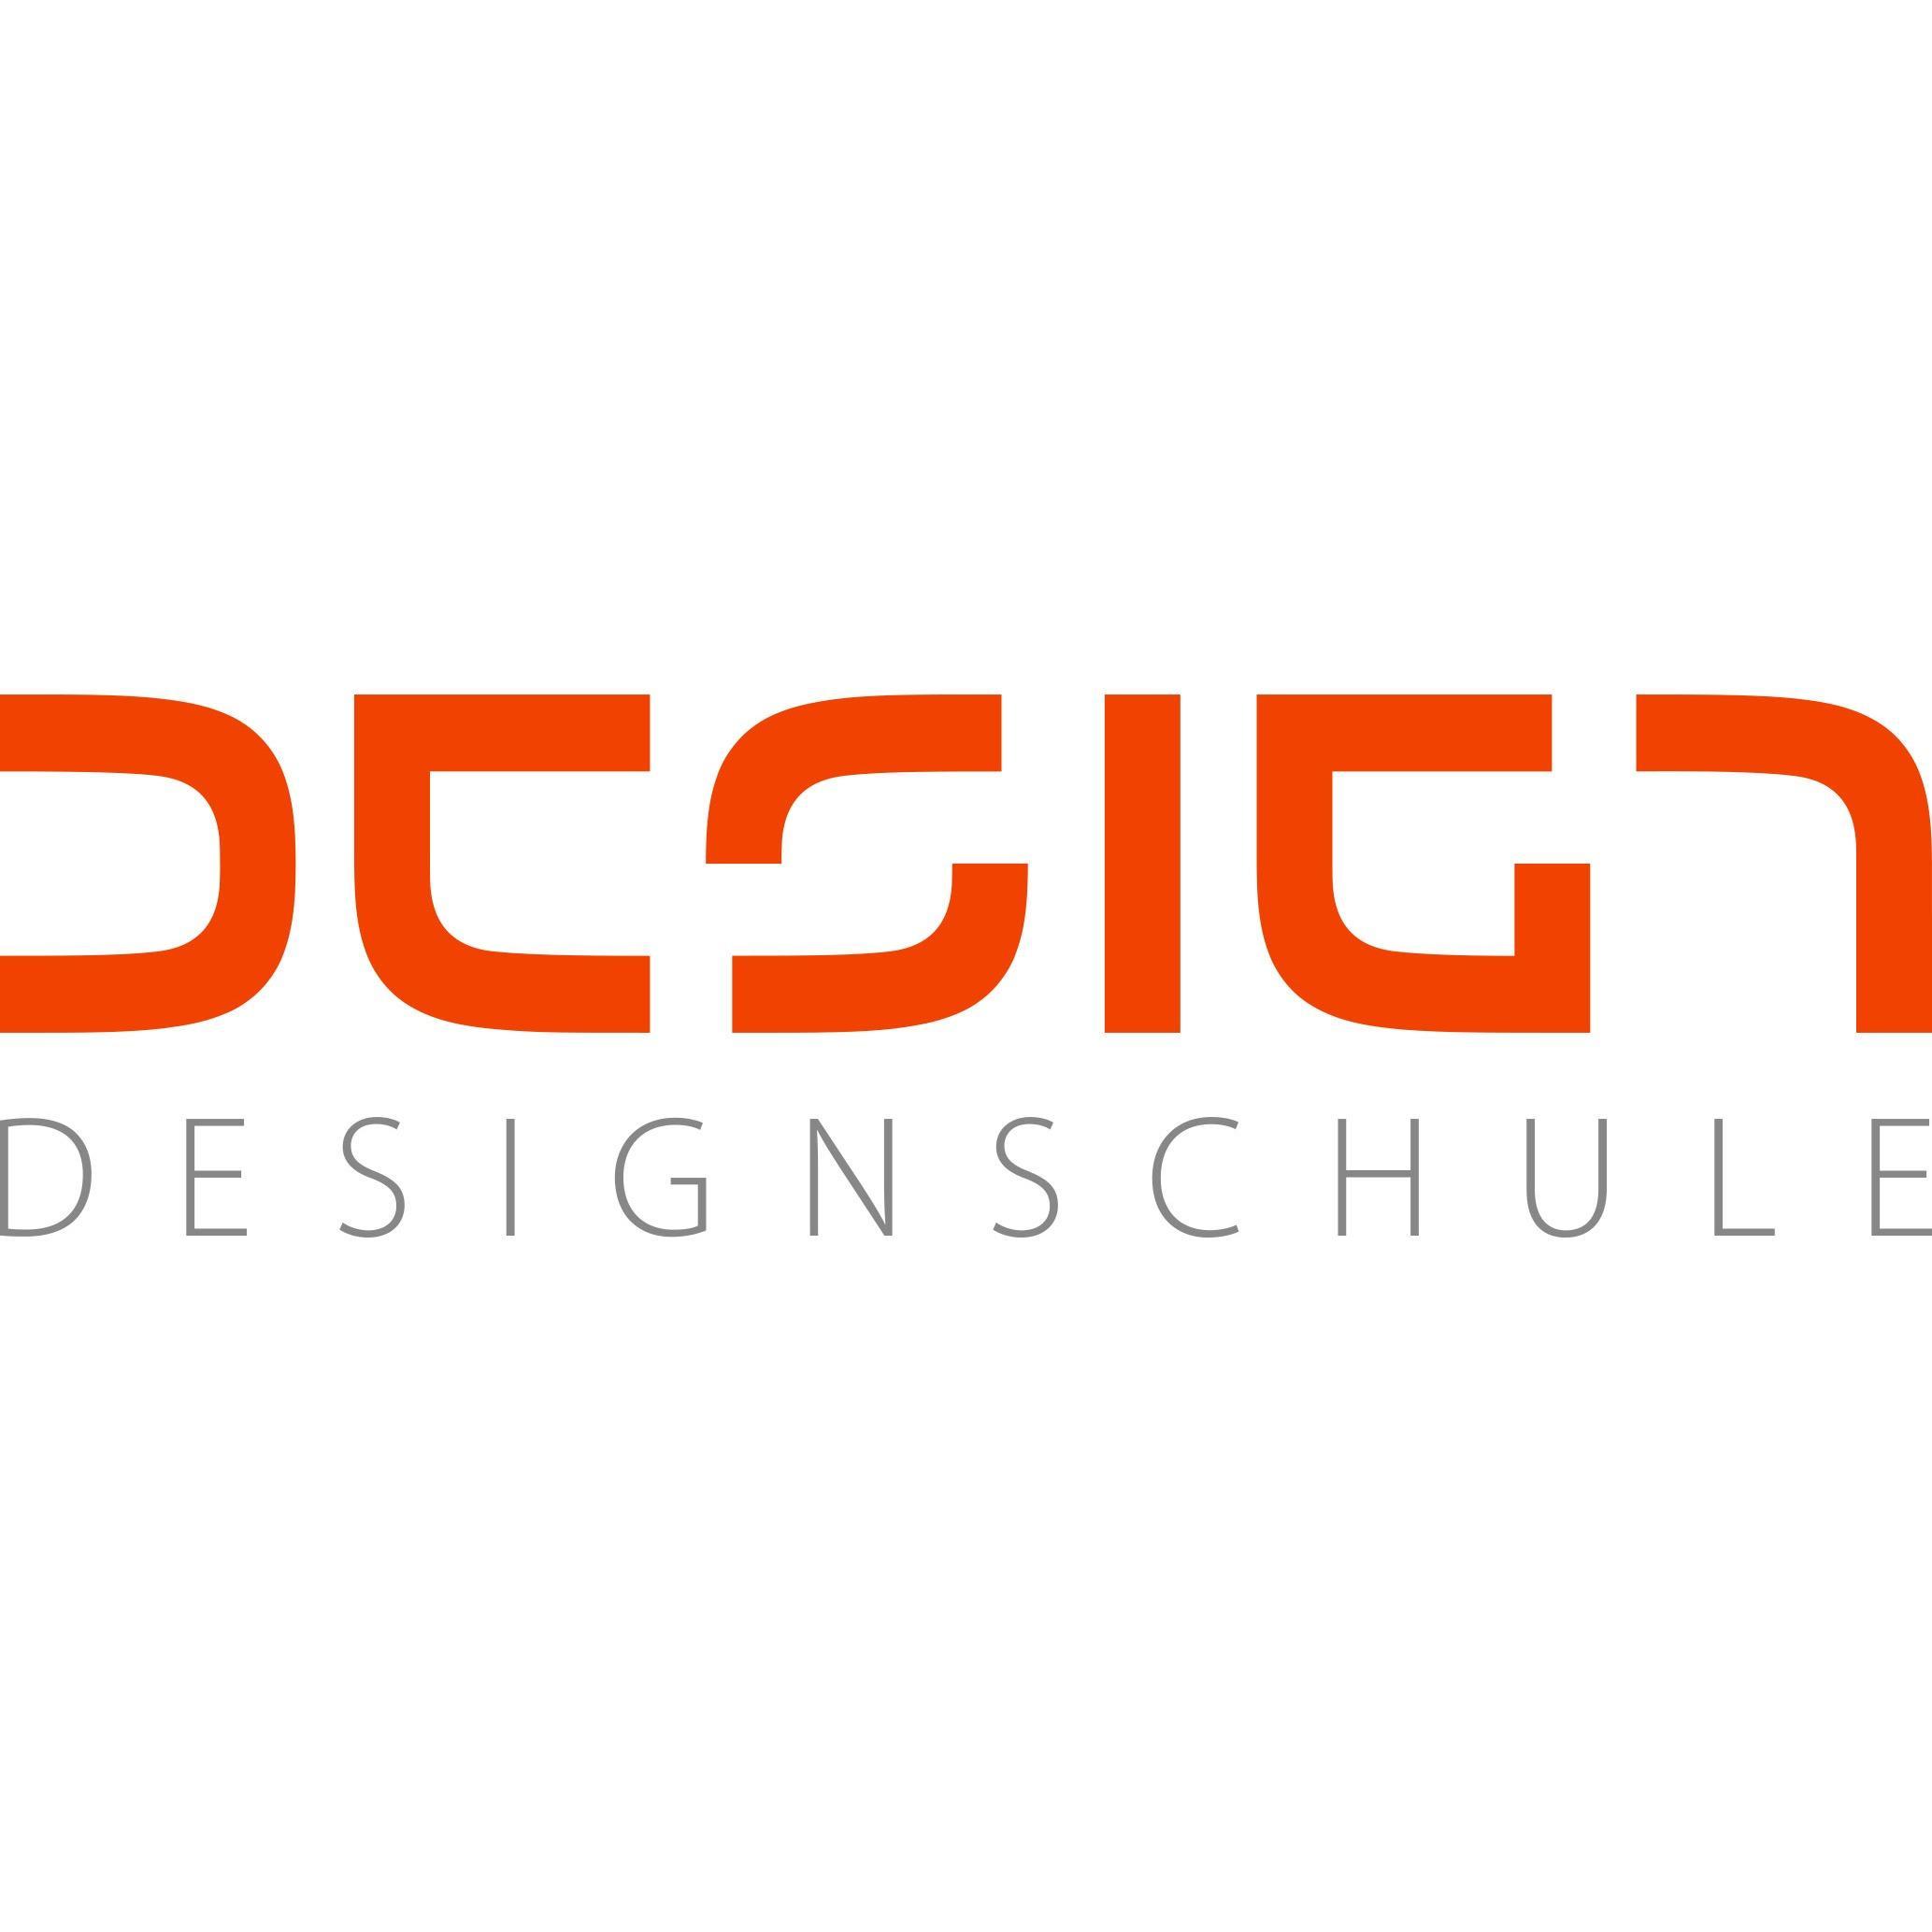 designschule schwerin kontaktieren. Black Bedroom Furniture Sets. Home Design Ideas